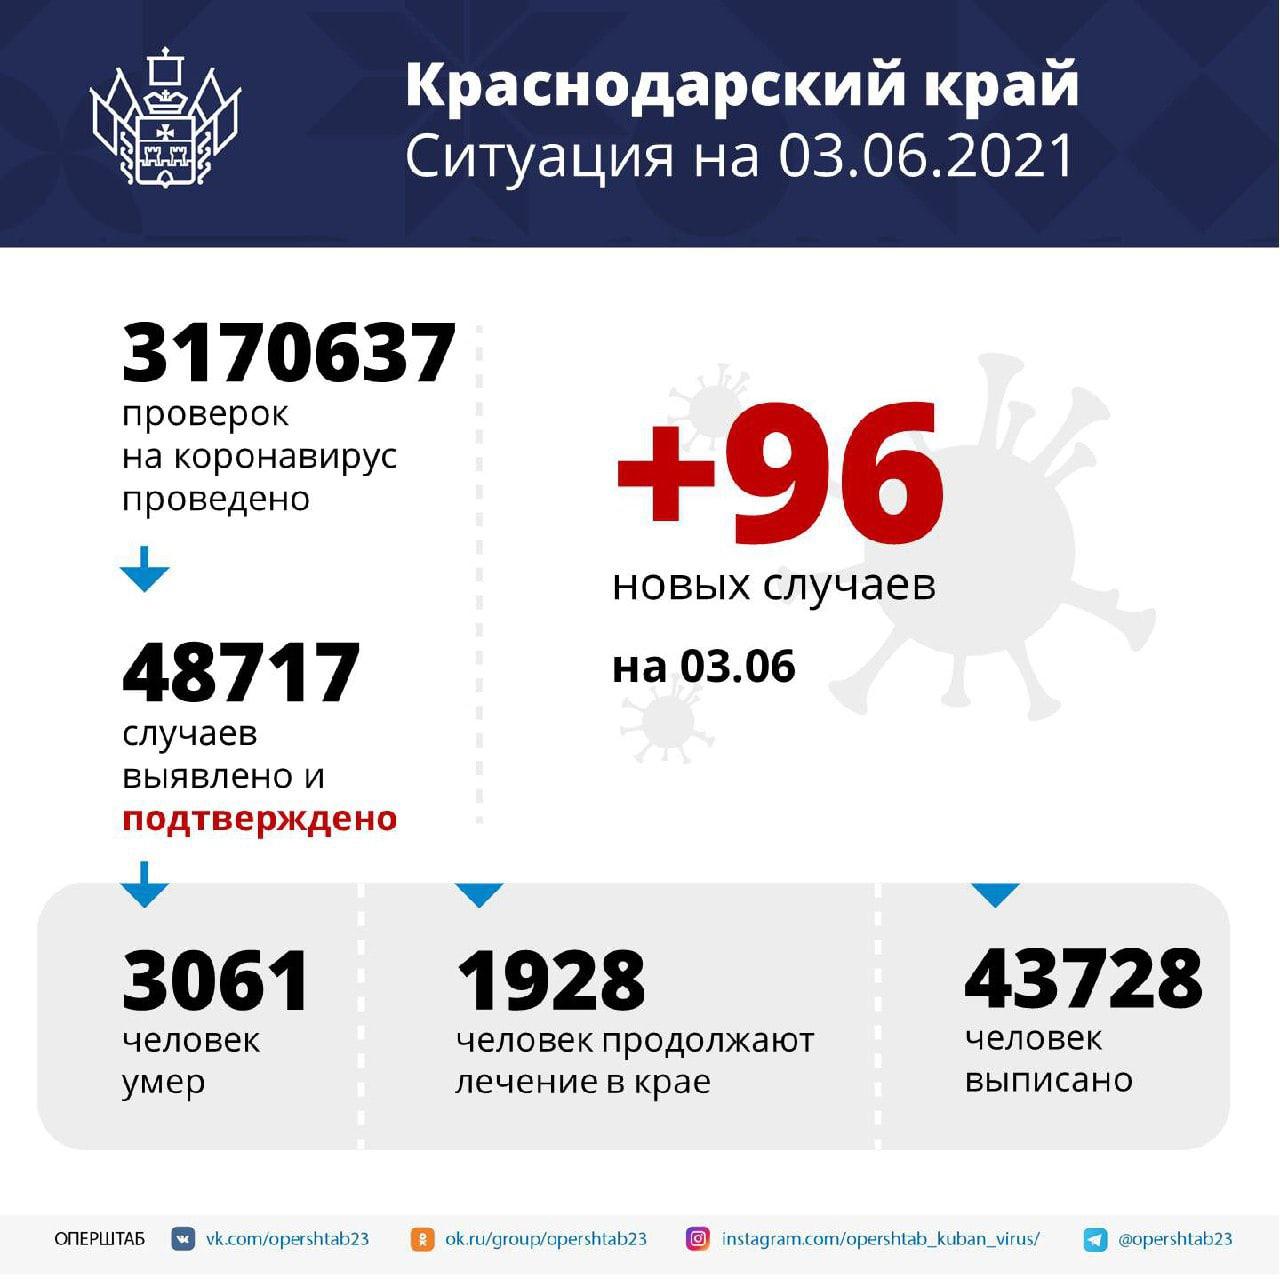 На Кубани за сутки подтвердили 96 новых случаев...